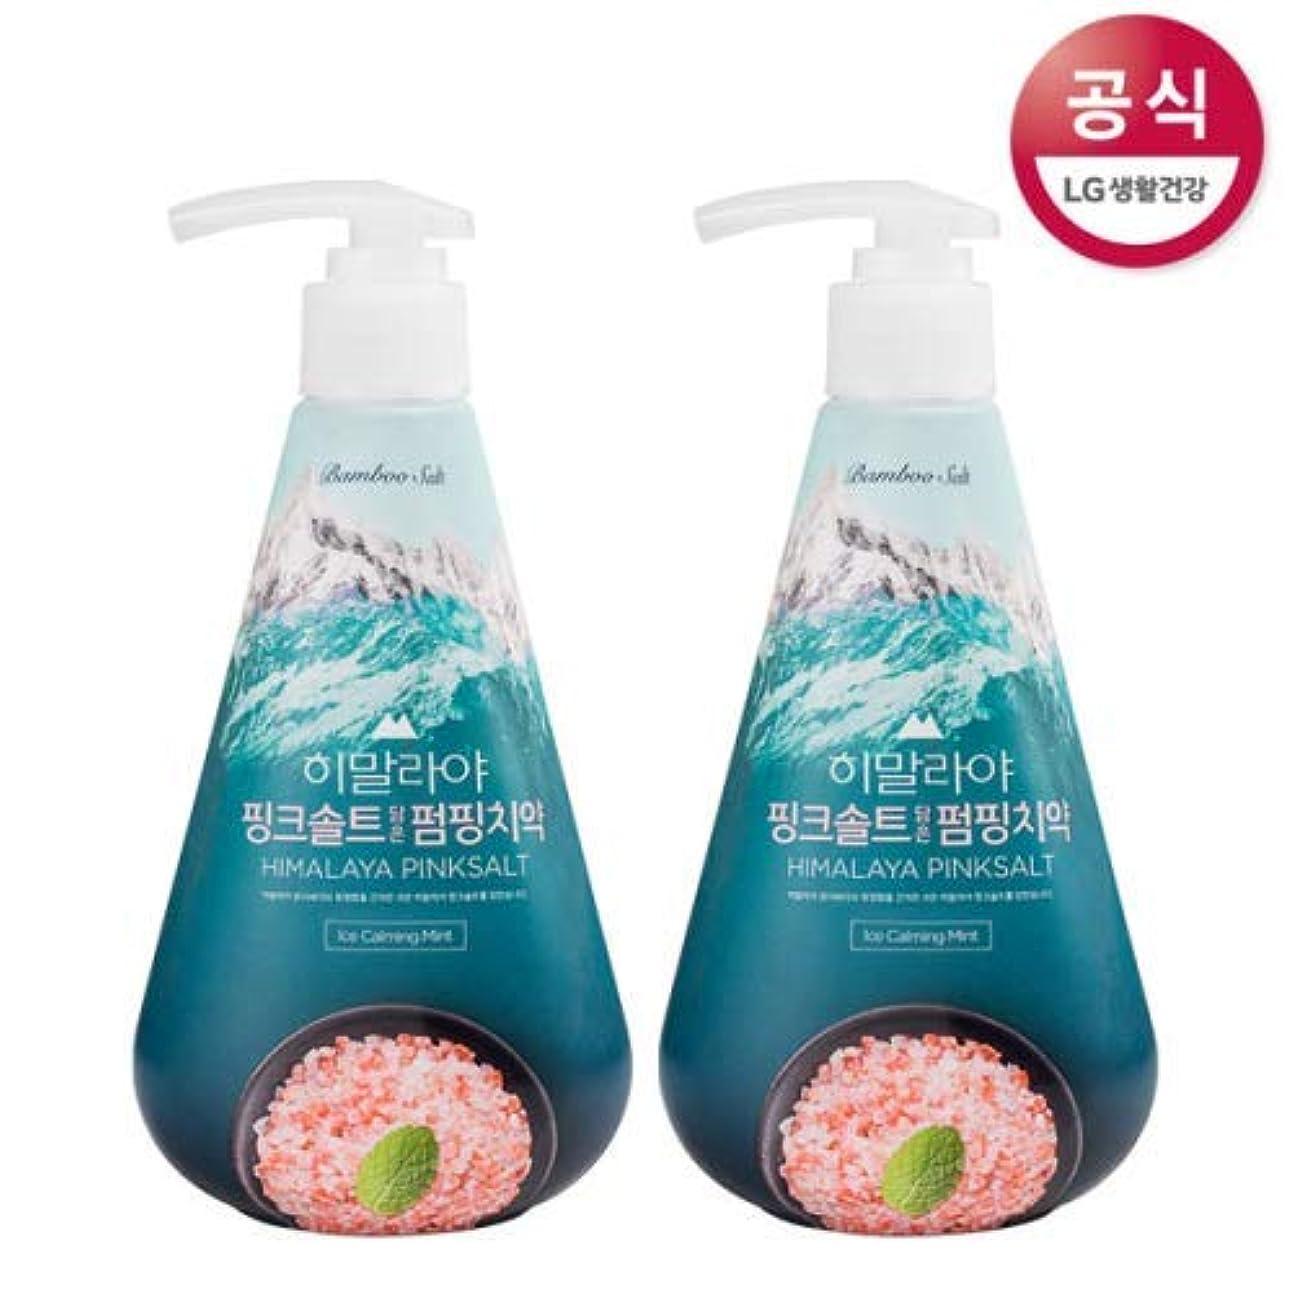 耐久知り合いクリスチャン[LG Care/LG生活健康]ヒマラヤピンクソルトポンピング歯磨き粉アイスカミングミント285gx2個/歯磨きセットスペシャル?リミテッドToothpaste Set Special Limited Korea(海外直送品)